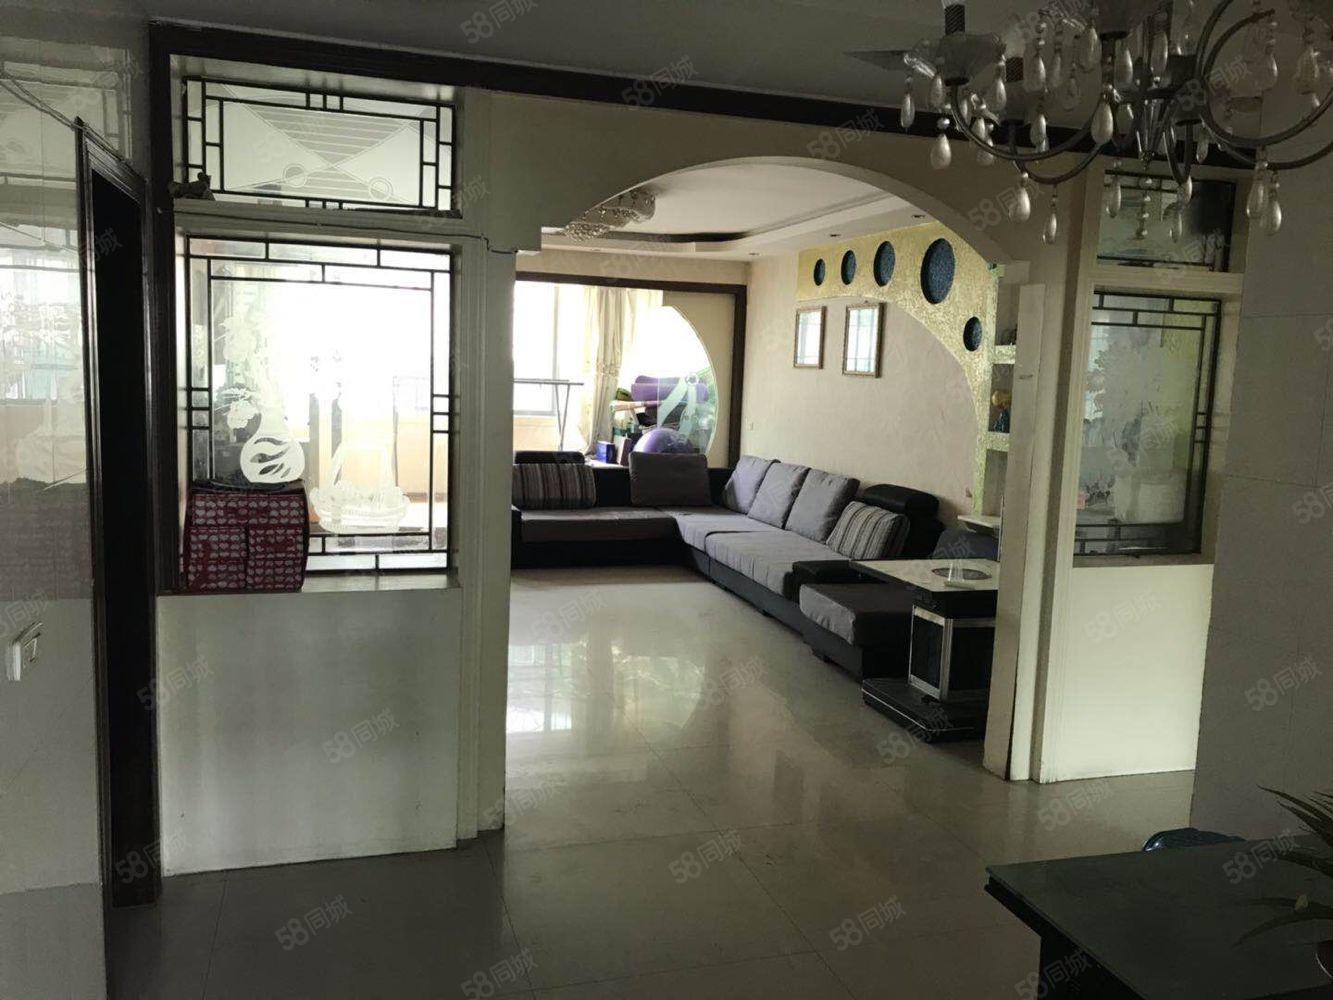 金龙豪城,步梯5楼,4房,精装,关门卖,可按揭,68万8